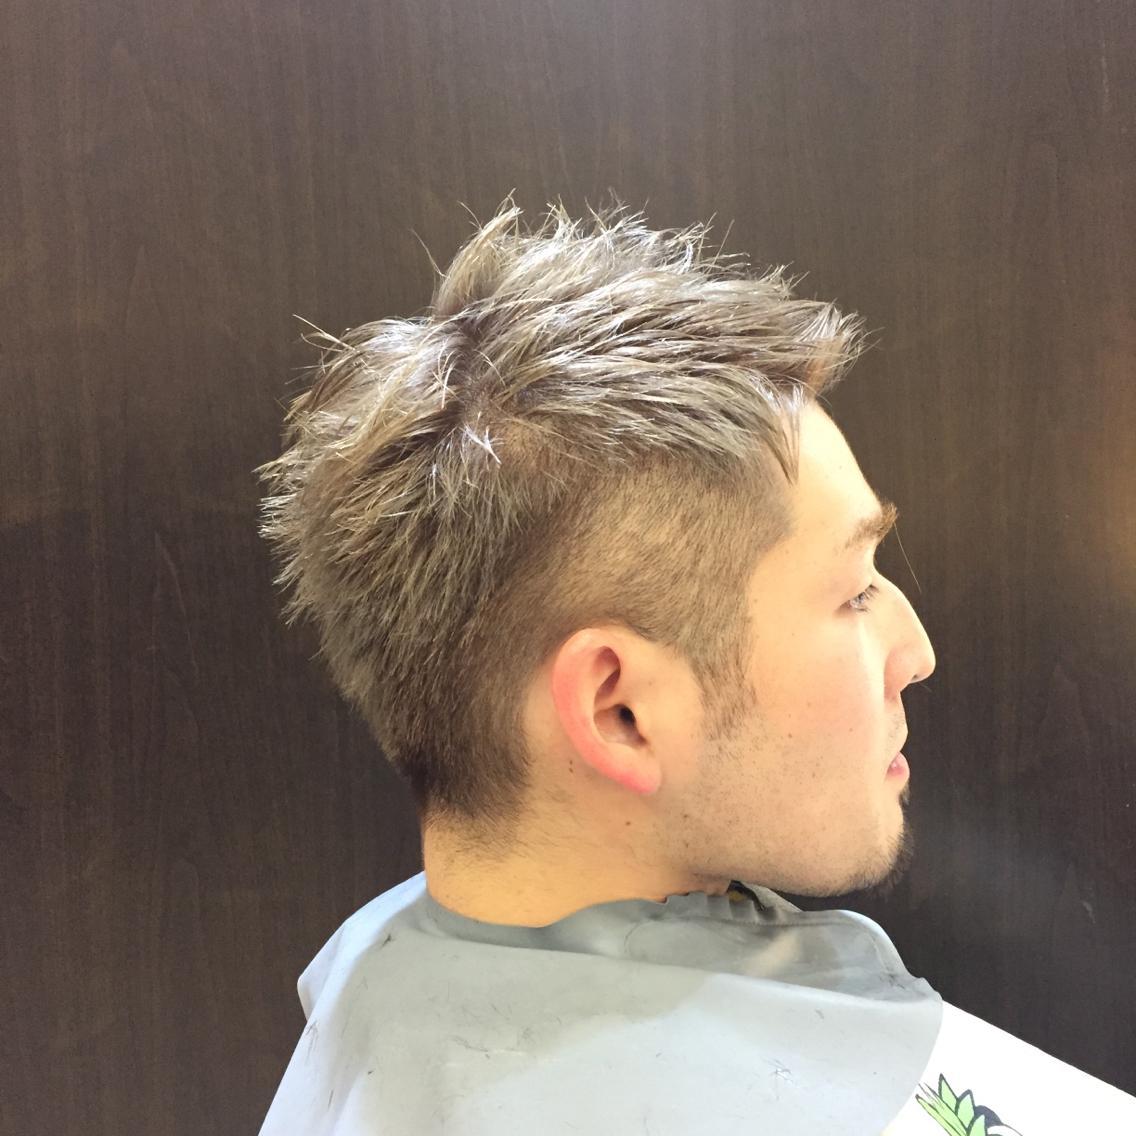 メンズ 刈り上げ ソフトモヒカン 短髪